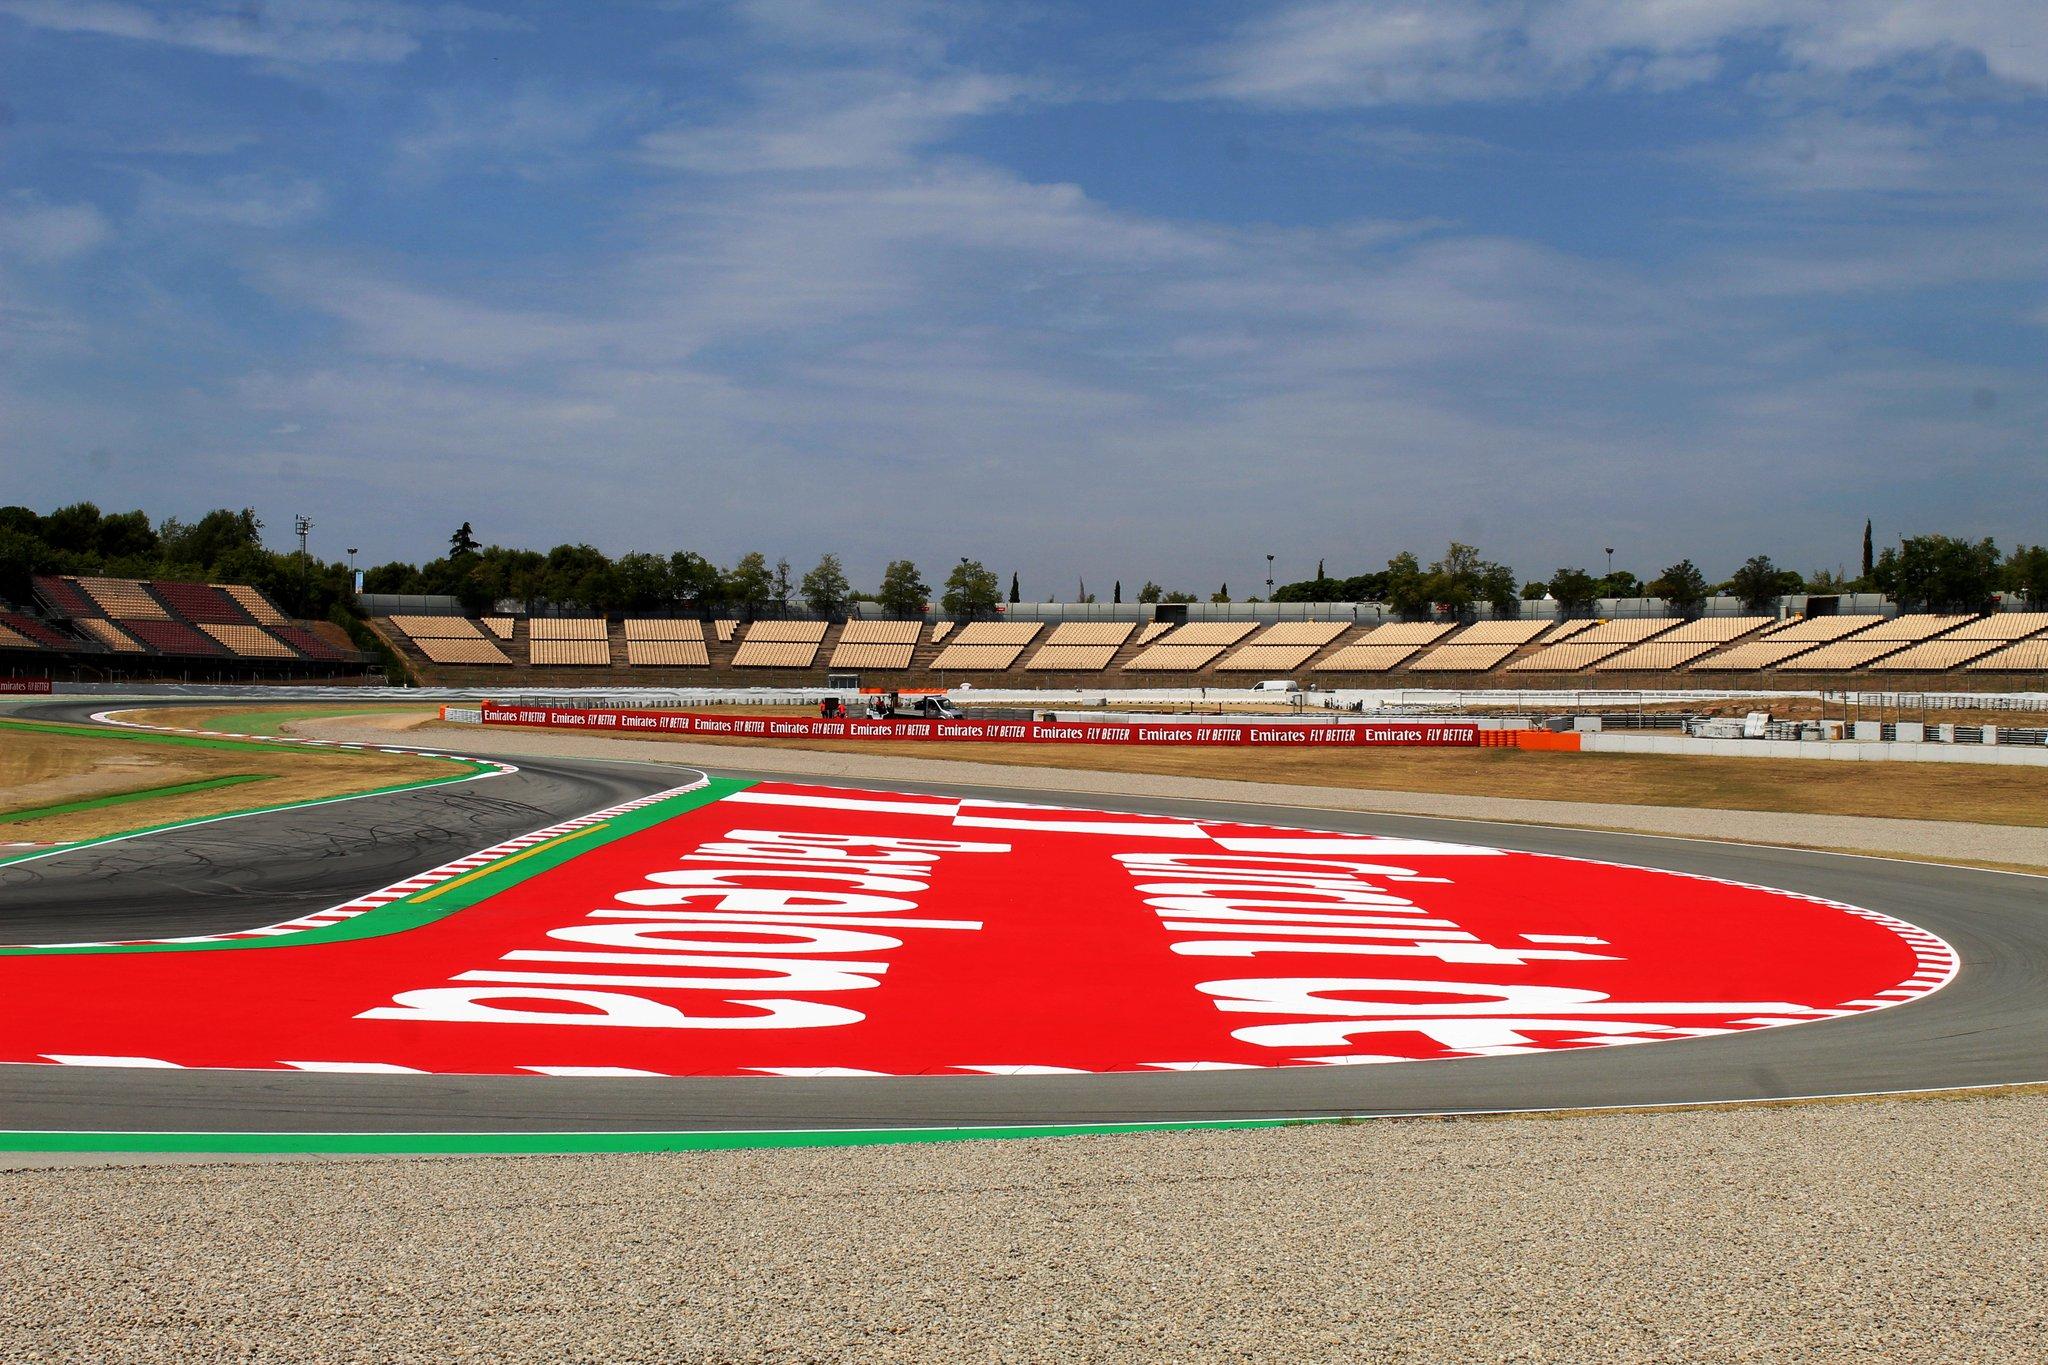 Présentation du Grand Prix d'Espagne